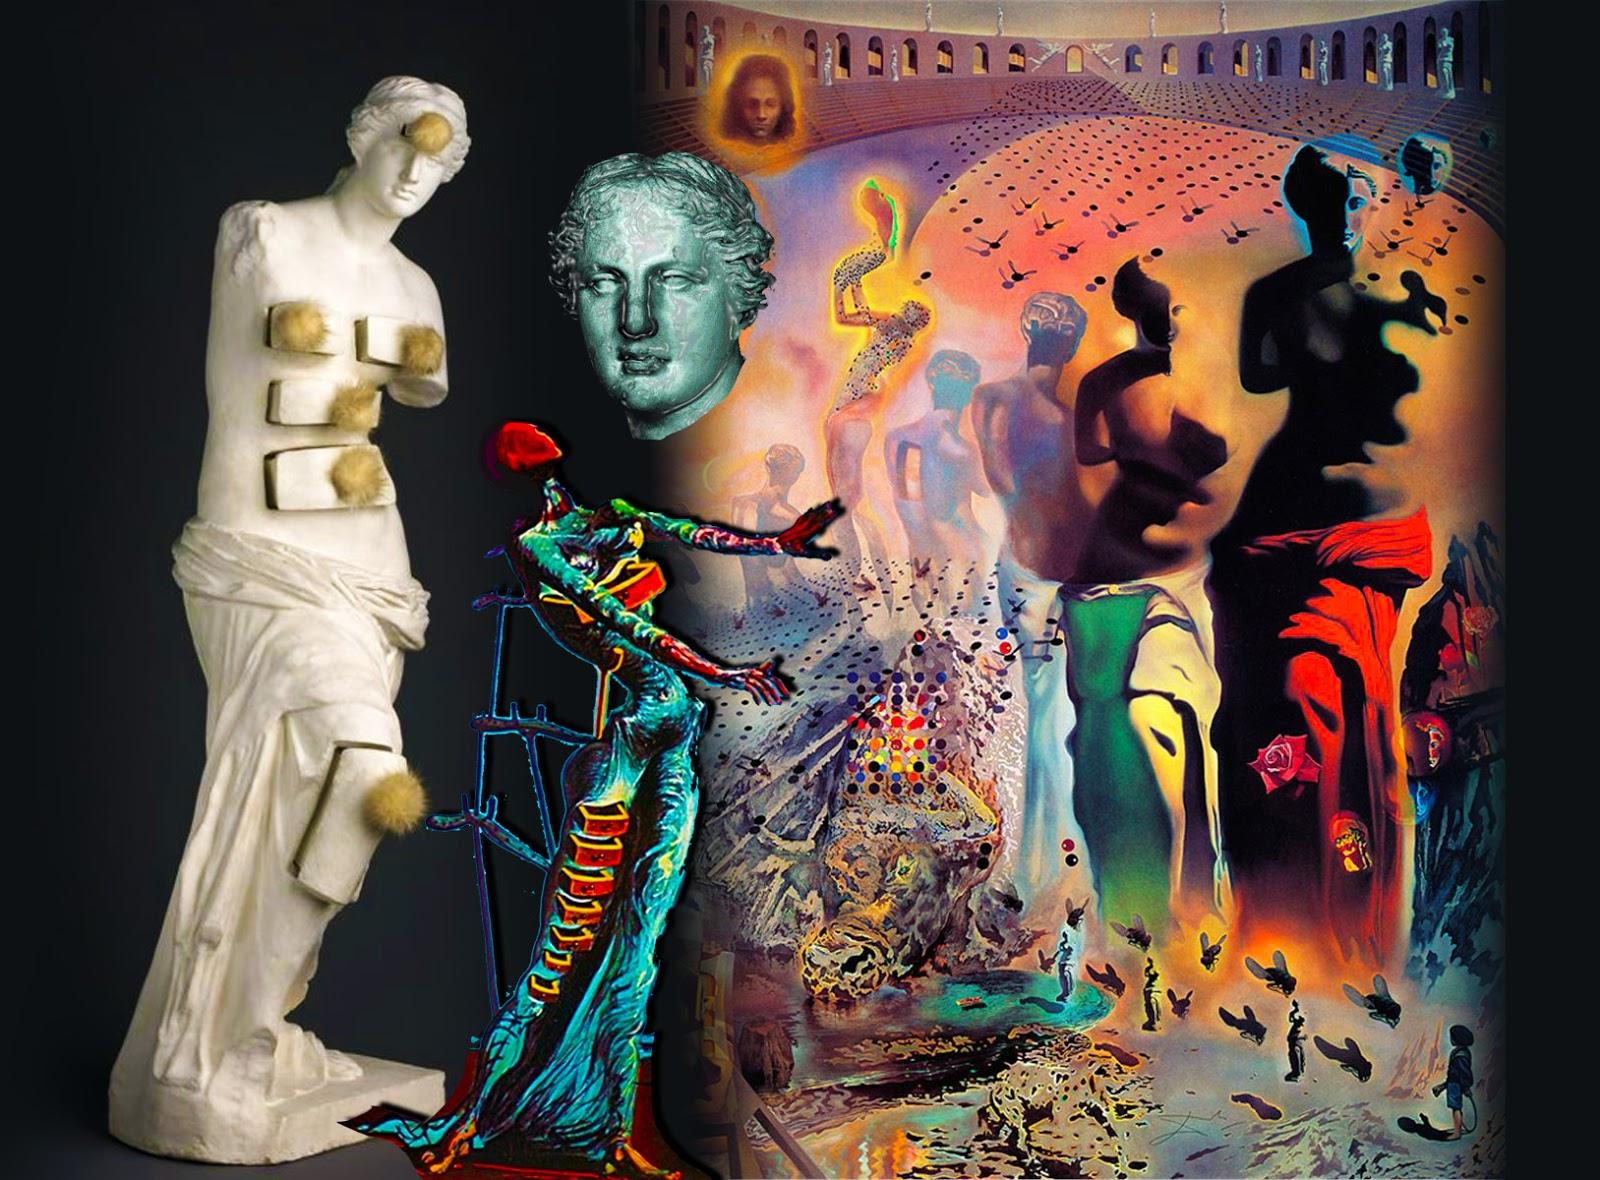 http://2.bp.blogspot.com/-JVhsxxmSLXc/US0poMHkIhI/AAAAAAAAI4M/E8srFjNMX-w/s1600/Aphrodite.jpg